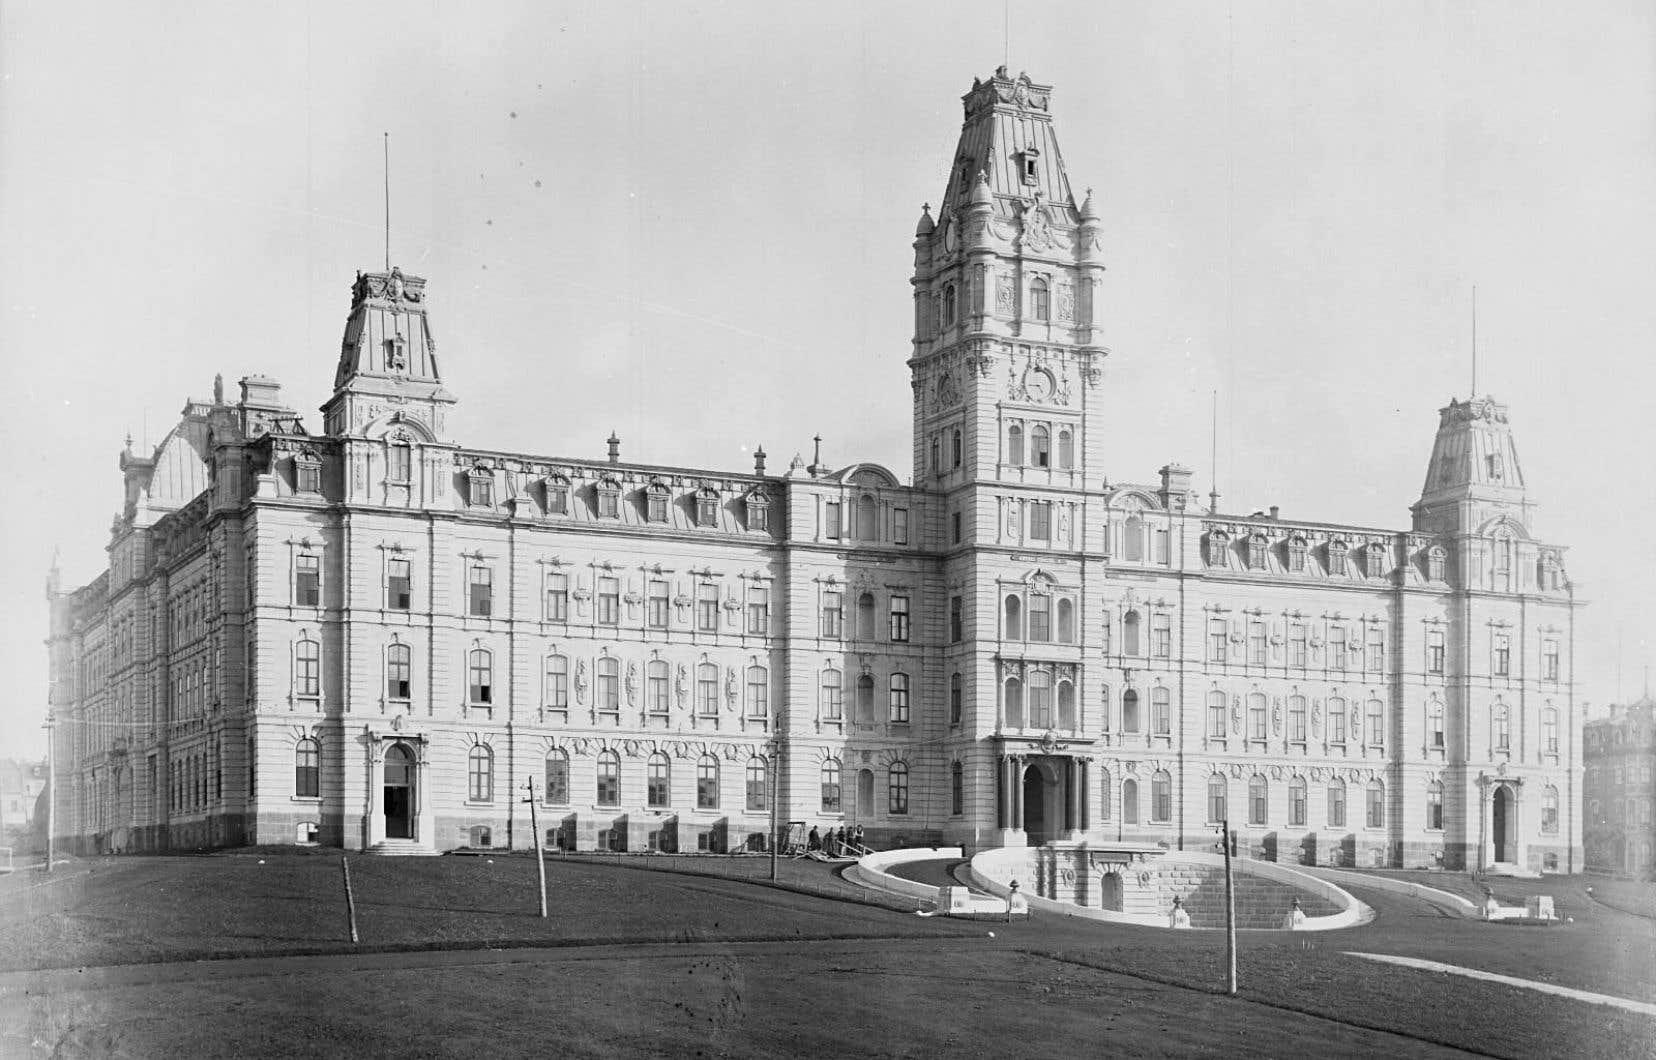 L'hôtel du Parlement de Québec, quelques mois après son inauguration en 1886